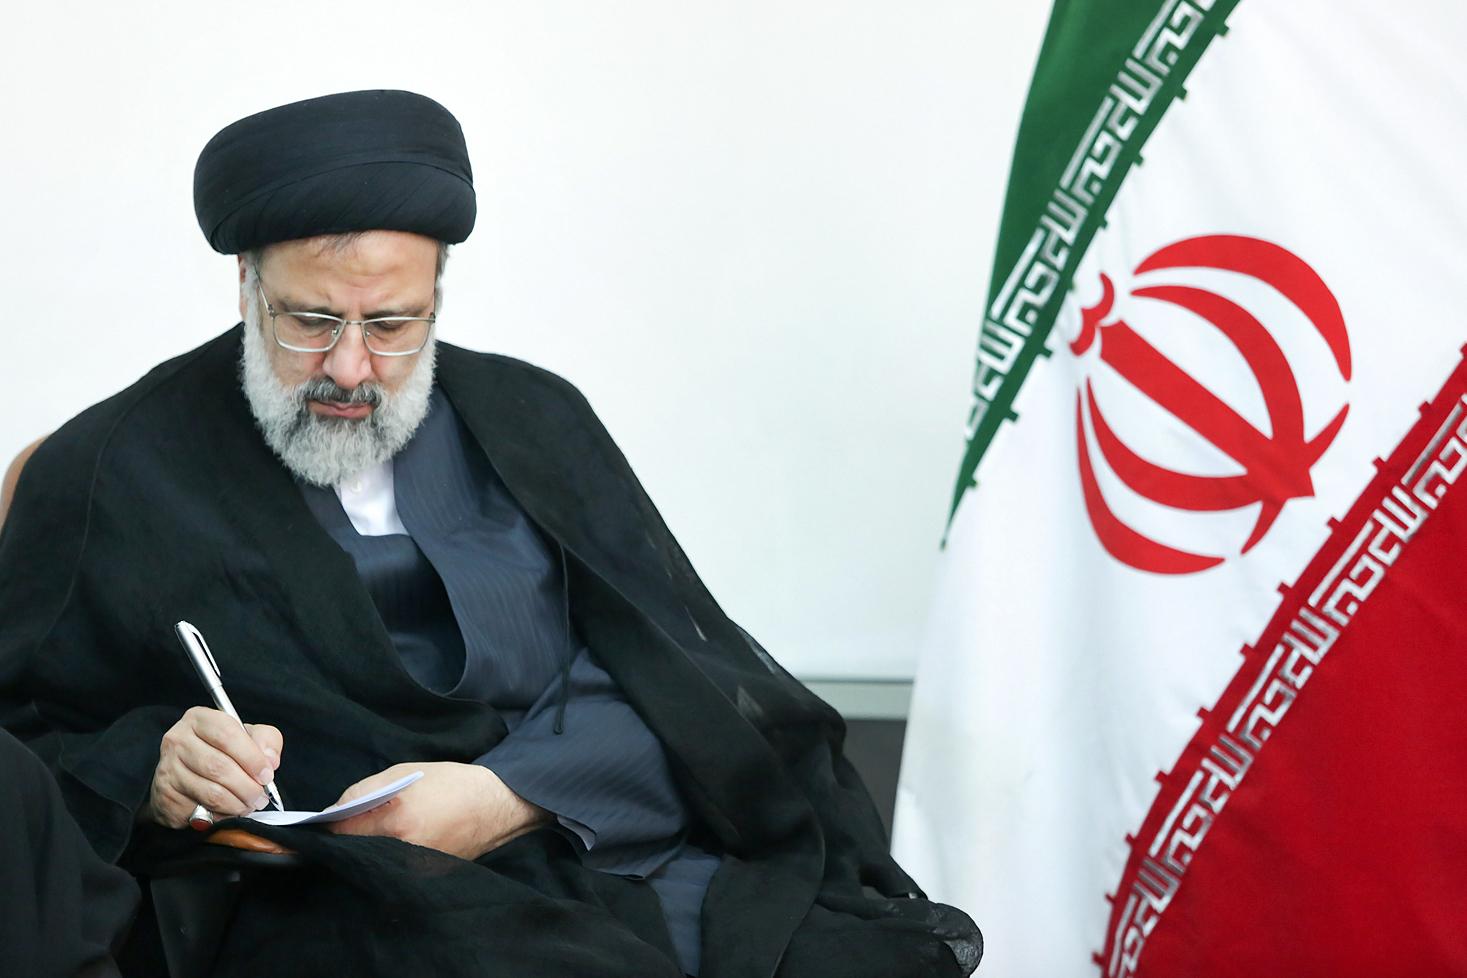 پیام تسلیت تولیت آستان قدس رضوی حجت الاسلام رئیسی در پی جان باختن کارکنان کشتی نفتکش